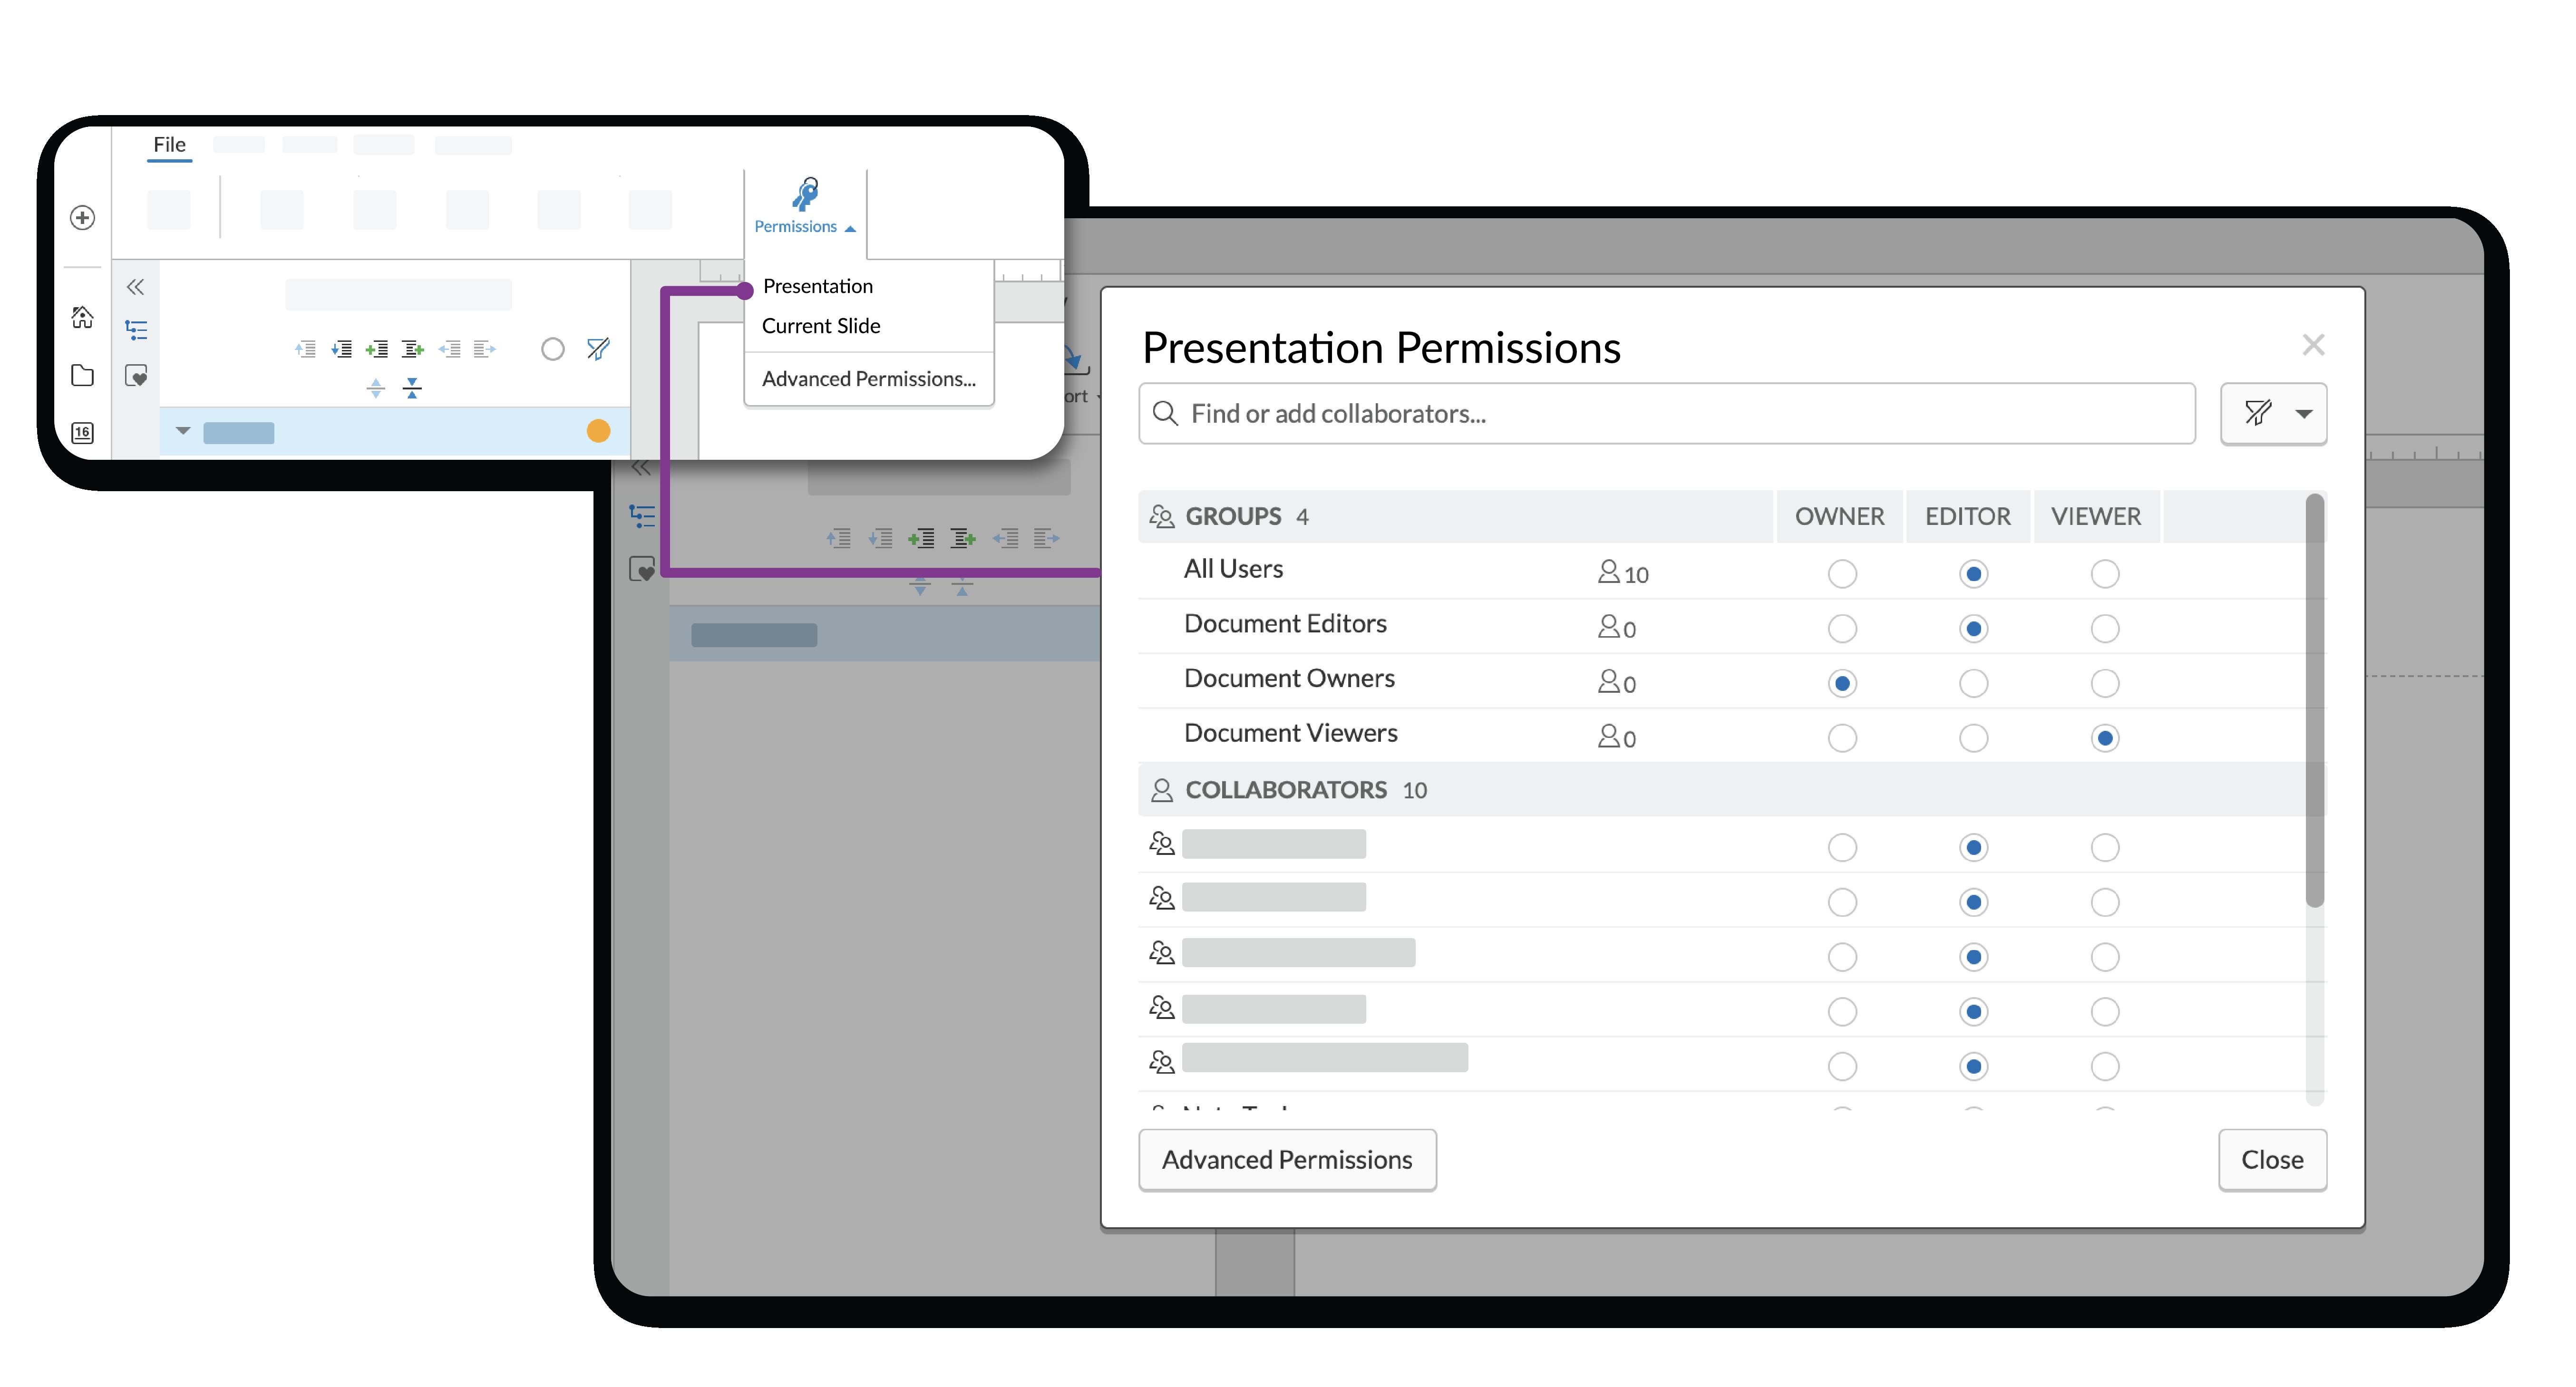 権限ウィンドウを使い、ユーザーまたはグループに特定のアクセス権限を付与します